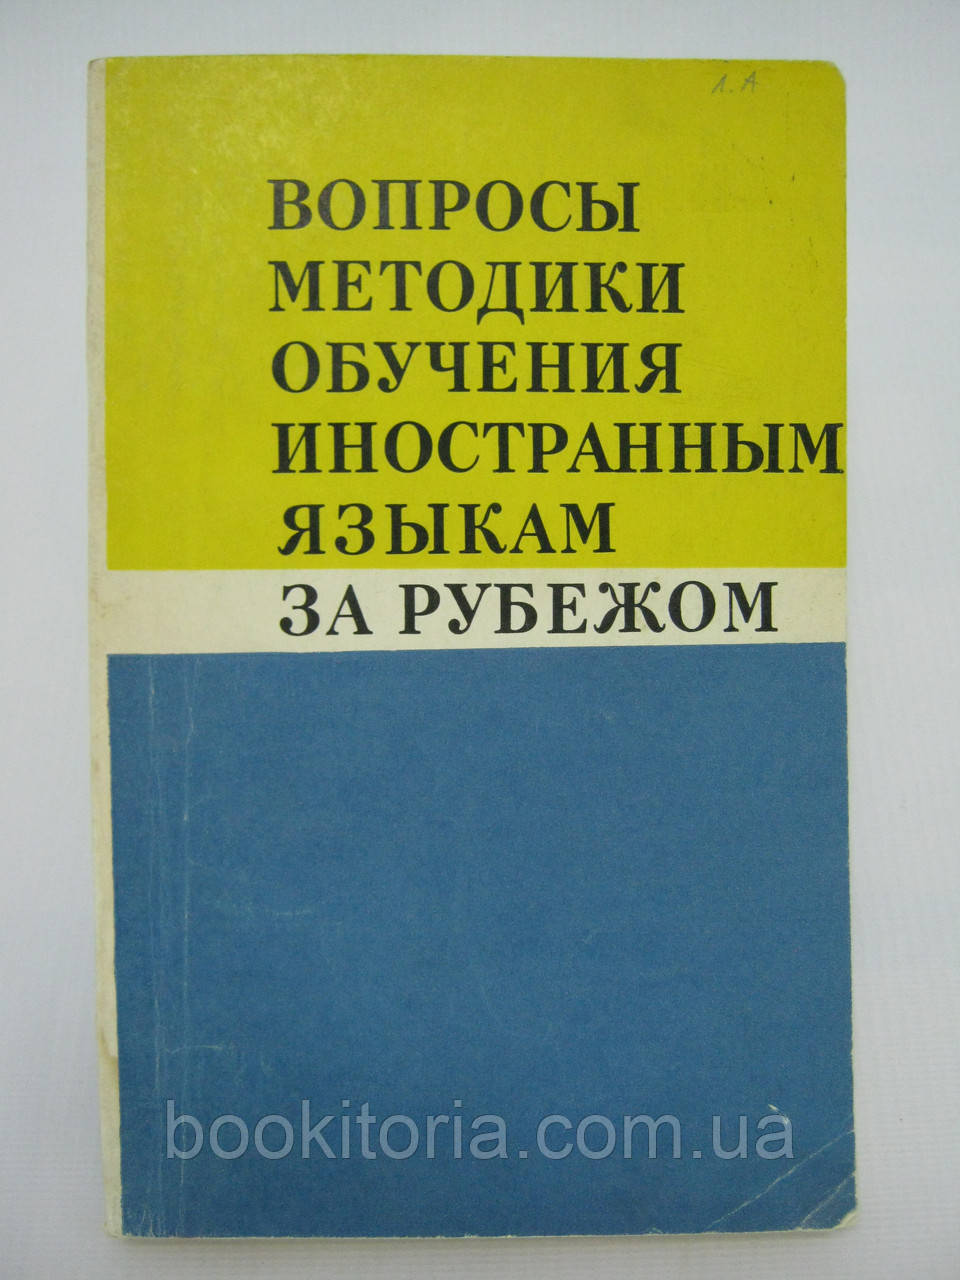 Синявская Е.В. и др. Вопросы методики обучения иностранным языкам за рубежом (б/у).